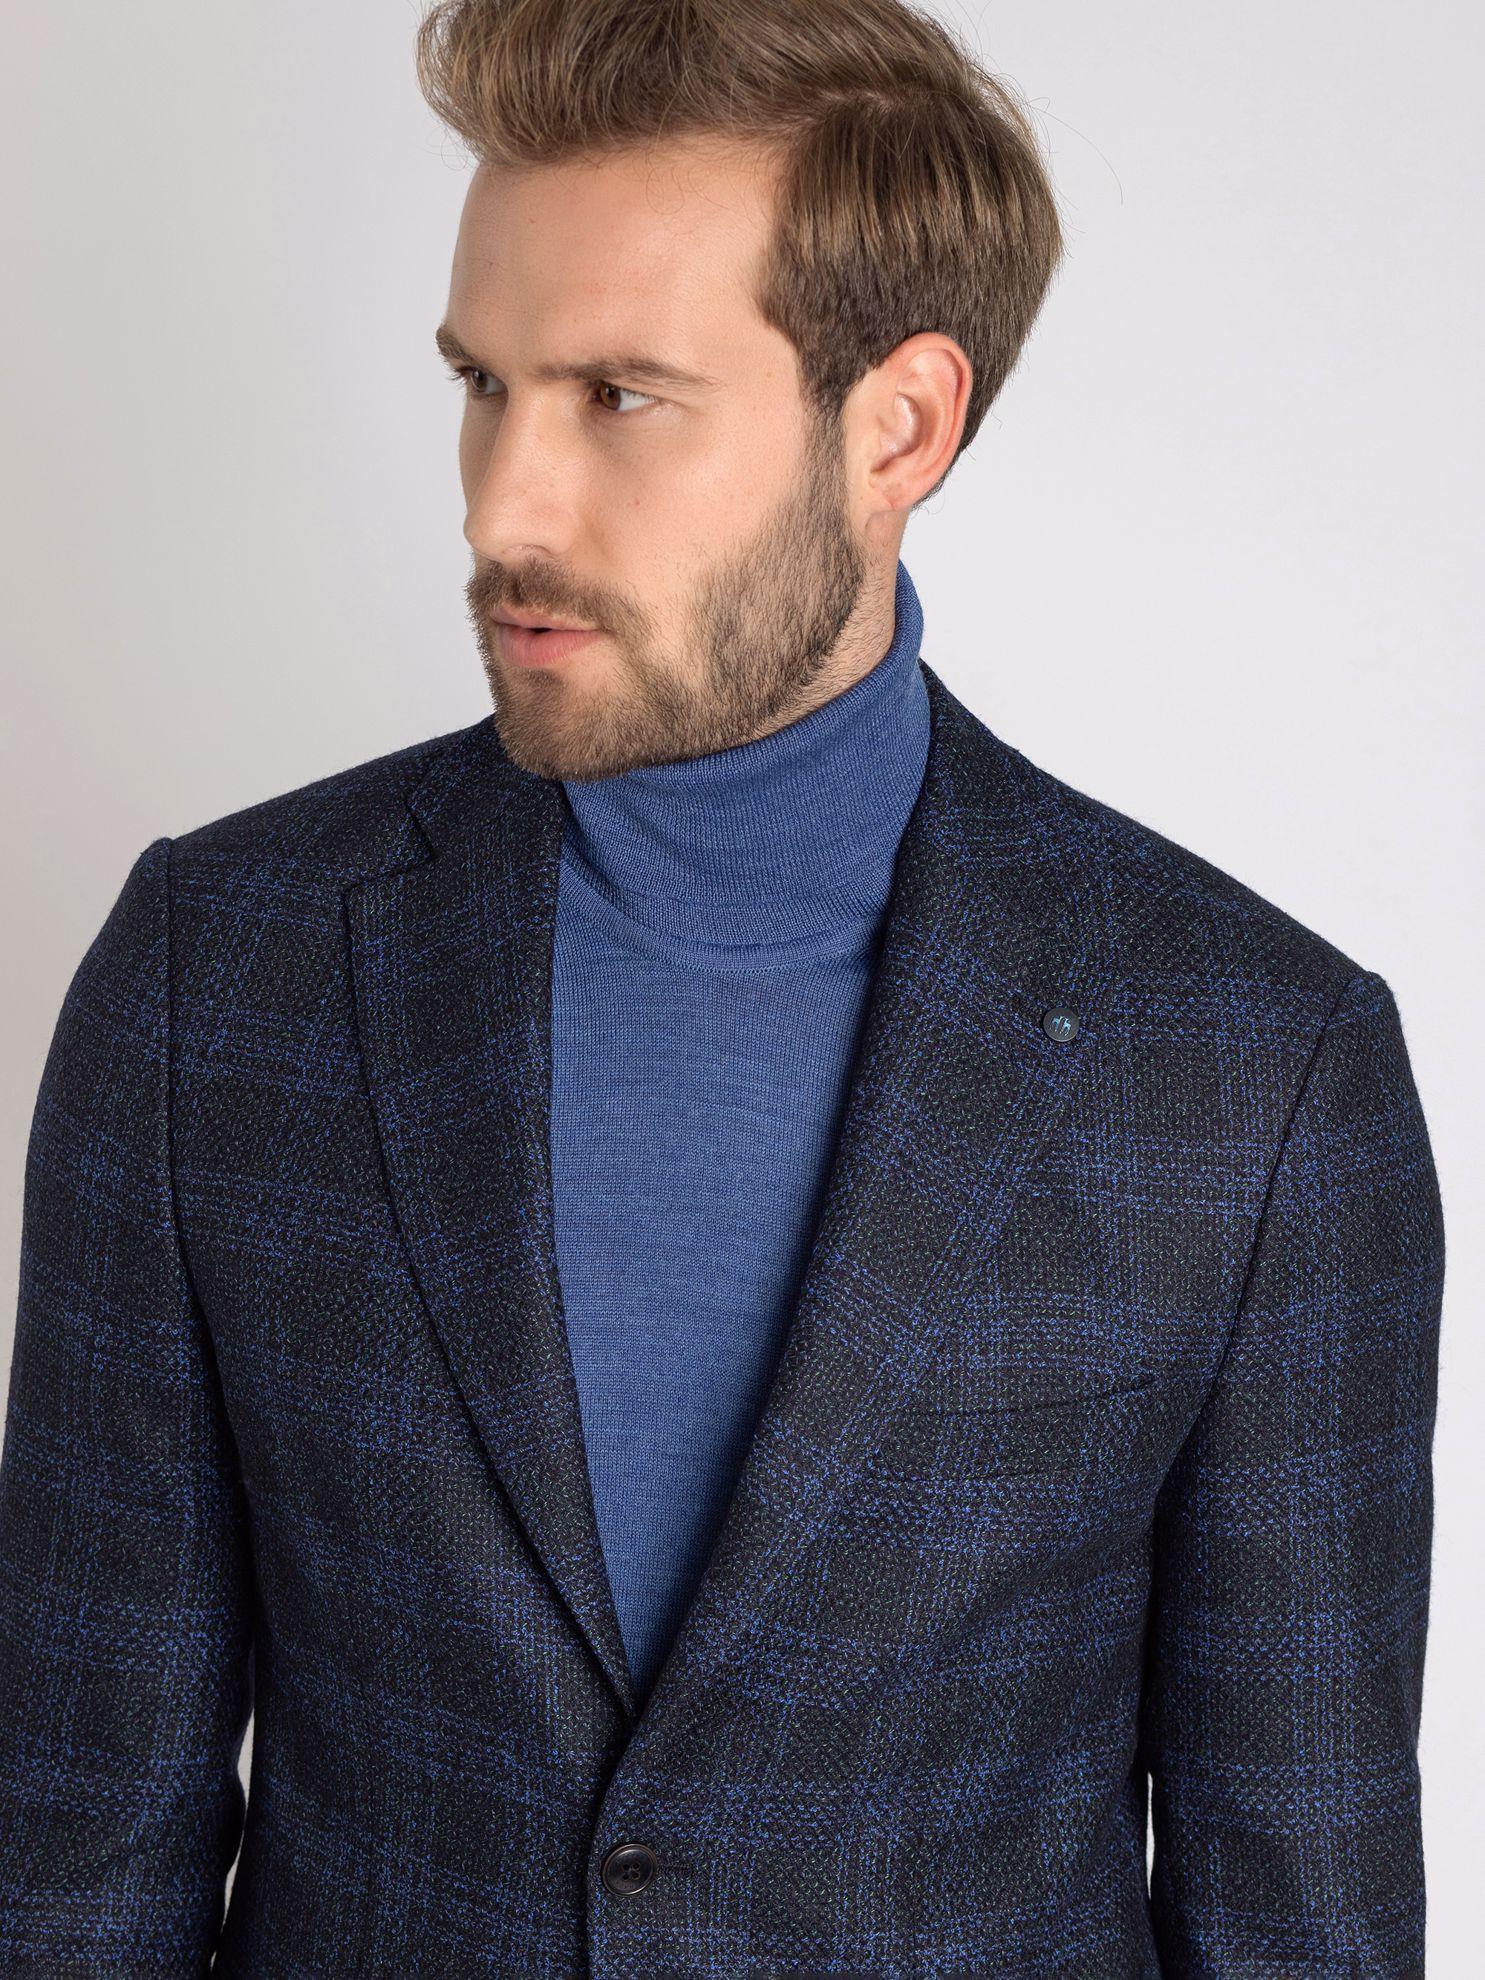 Karaca Erkek 6 Drop Ceket-Lacivert. ürün görseli